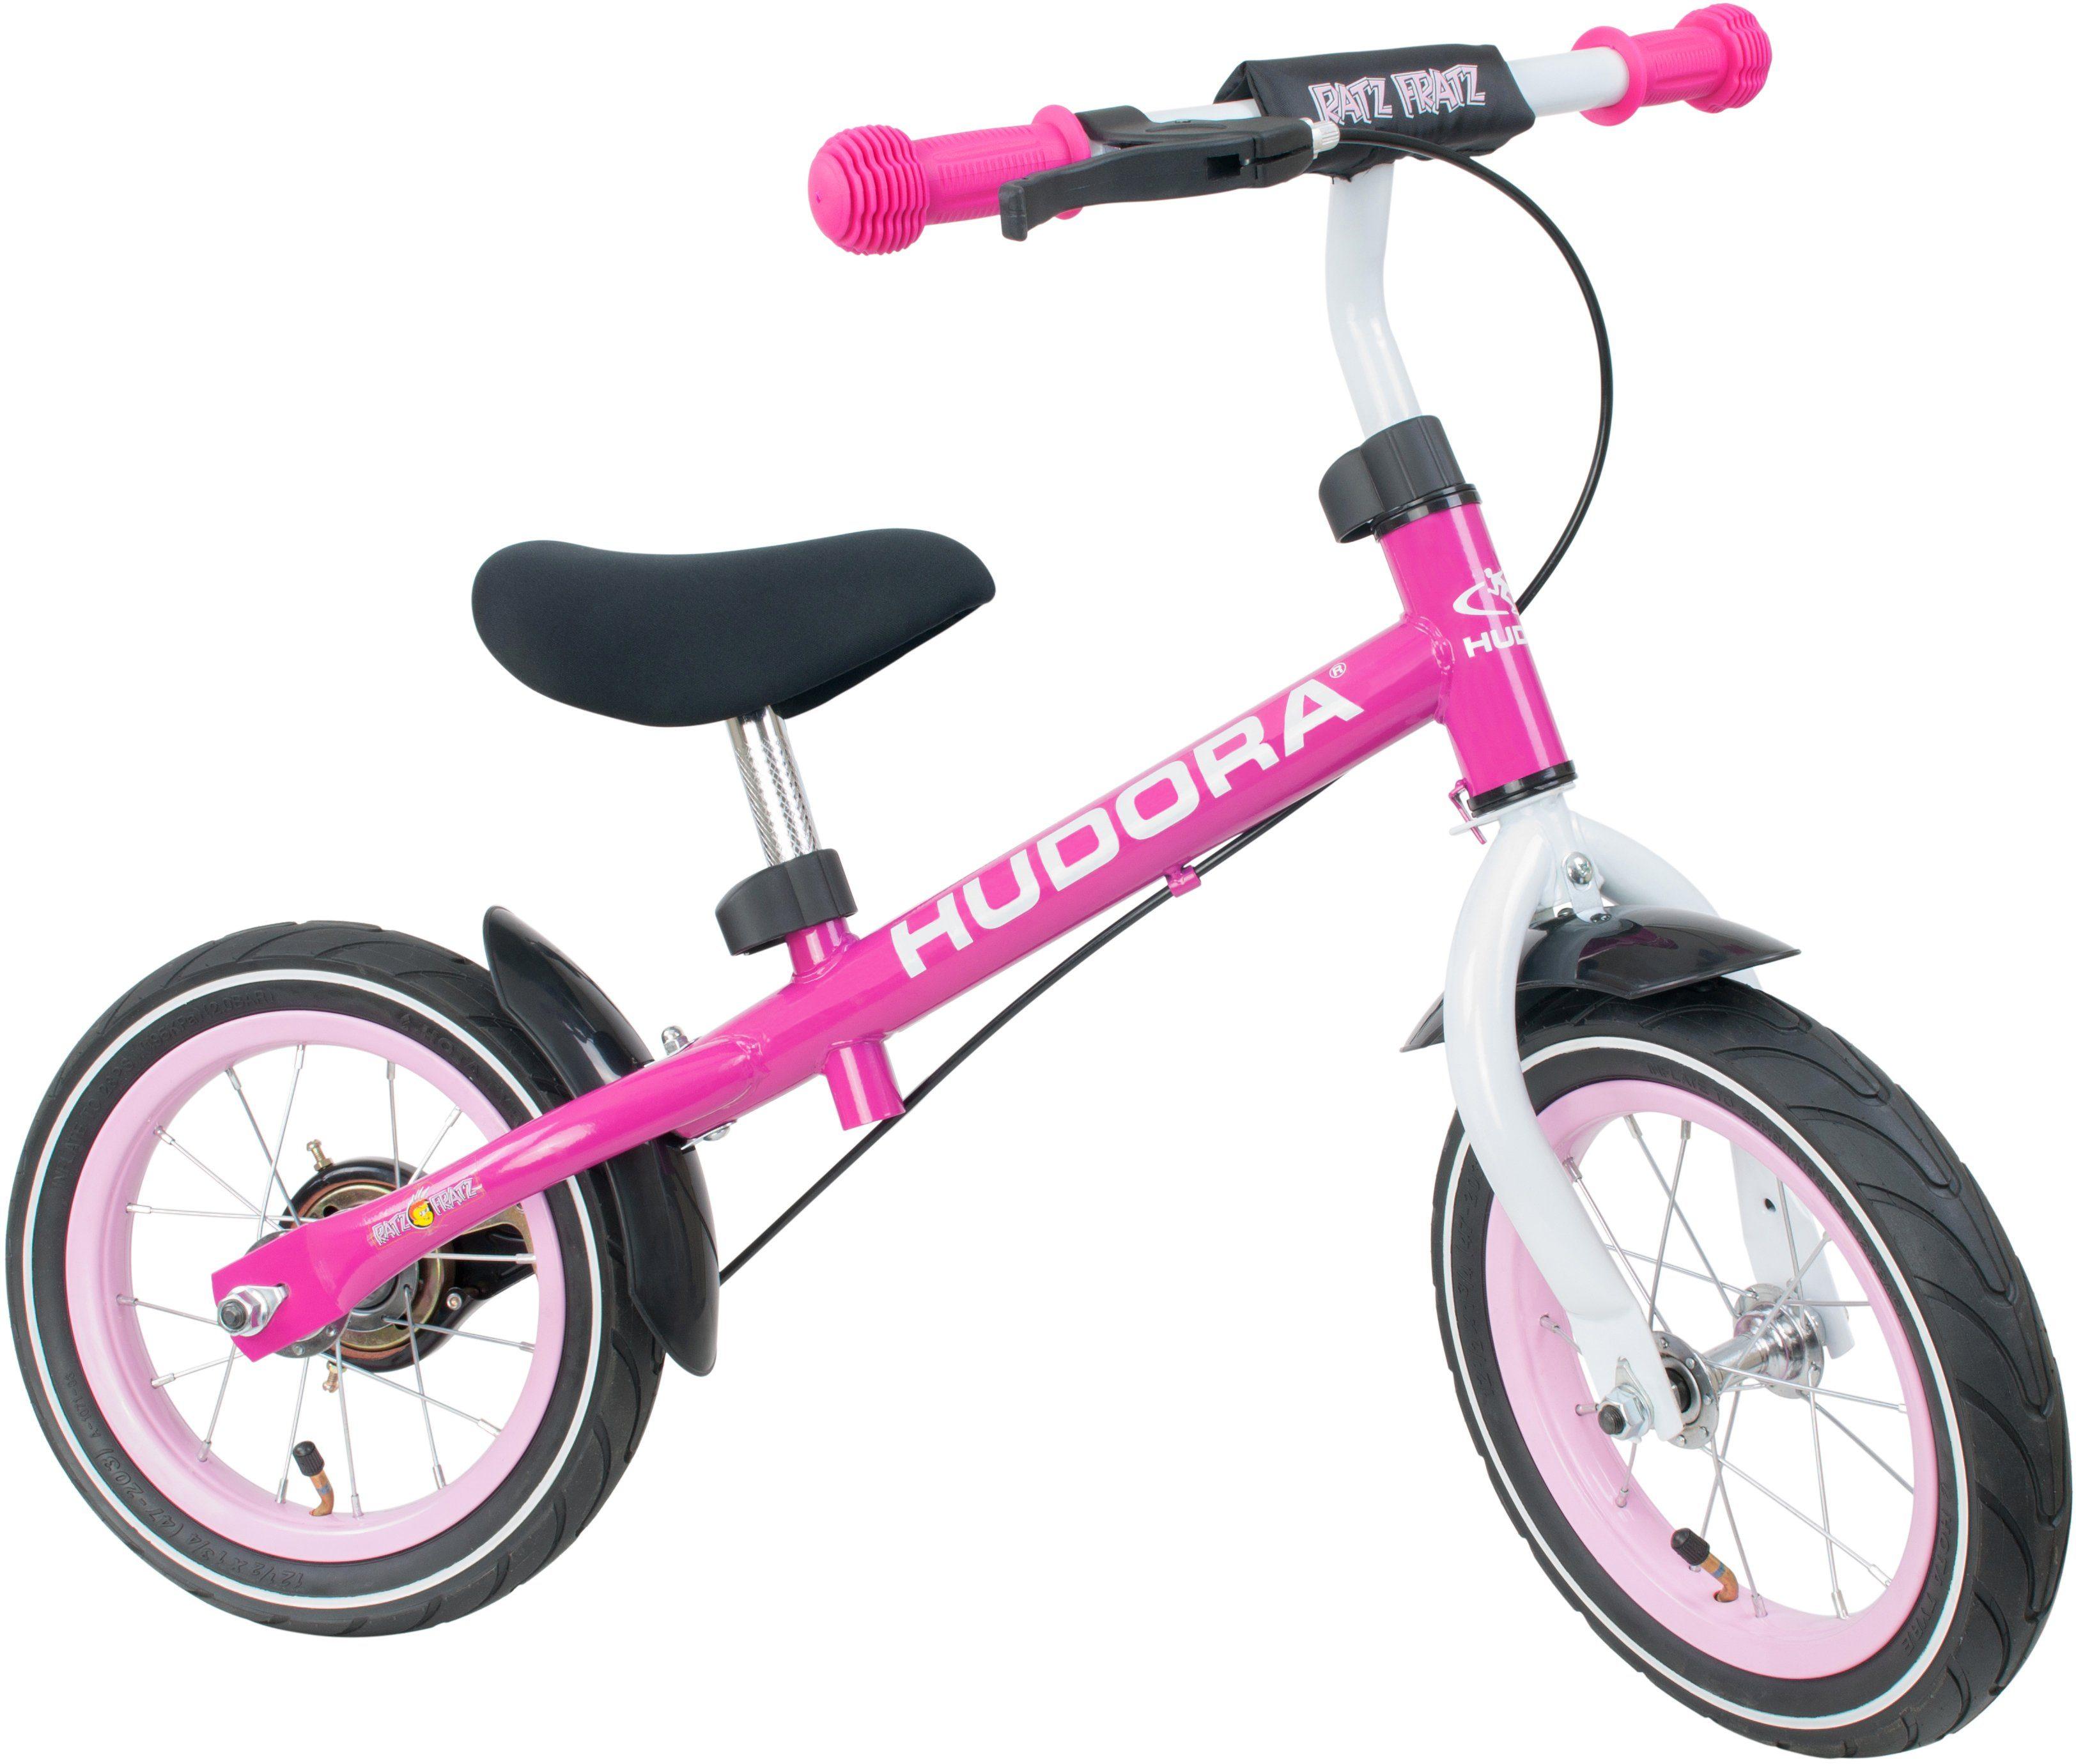 Hudora Laufrad mit Hinterradbremse, »Ratzfratz Air pink«